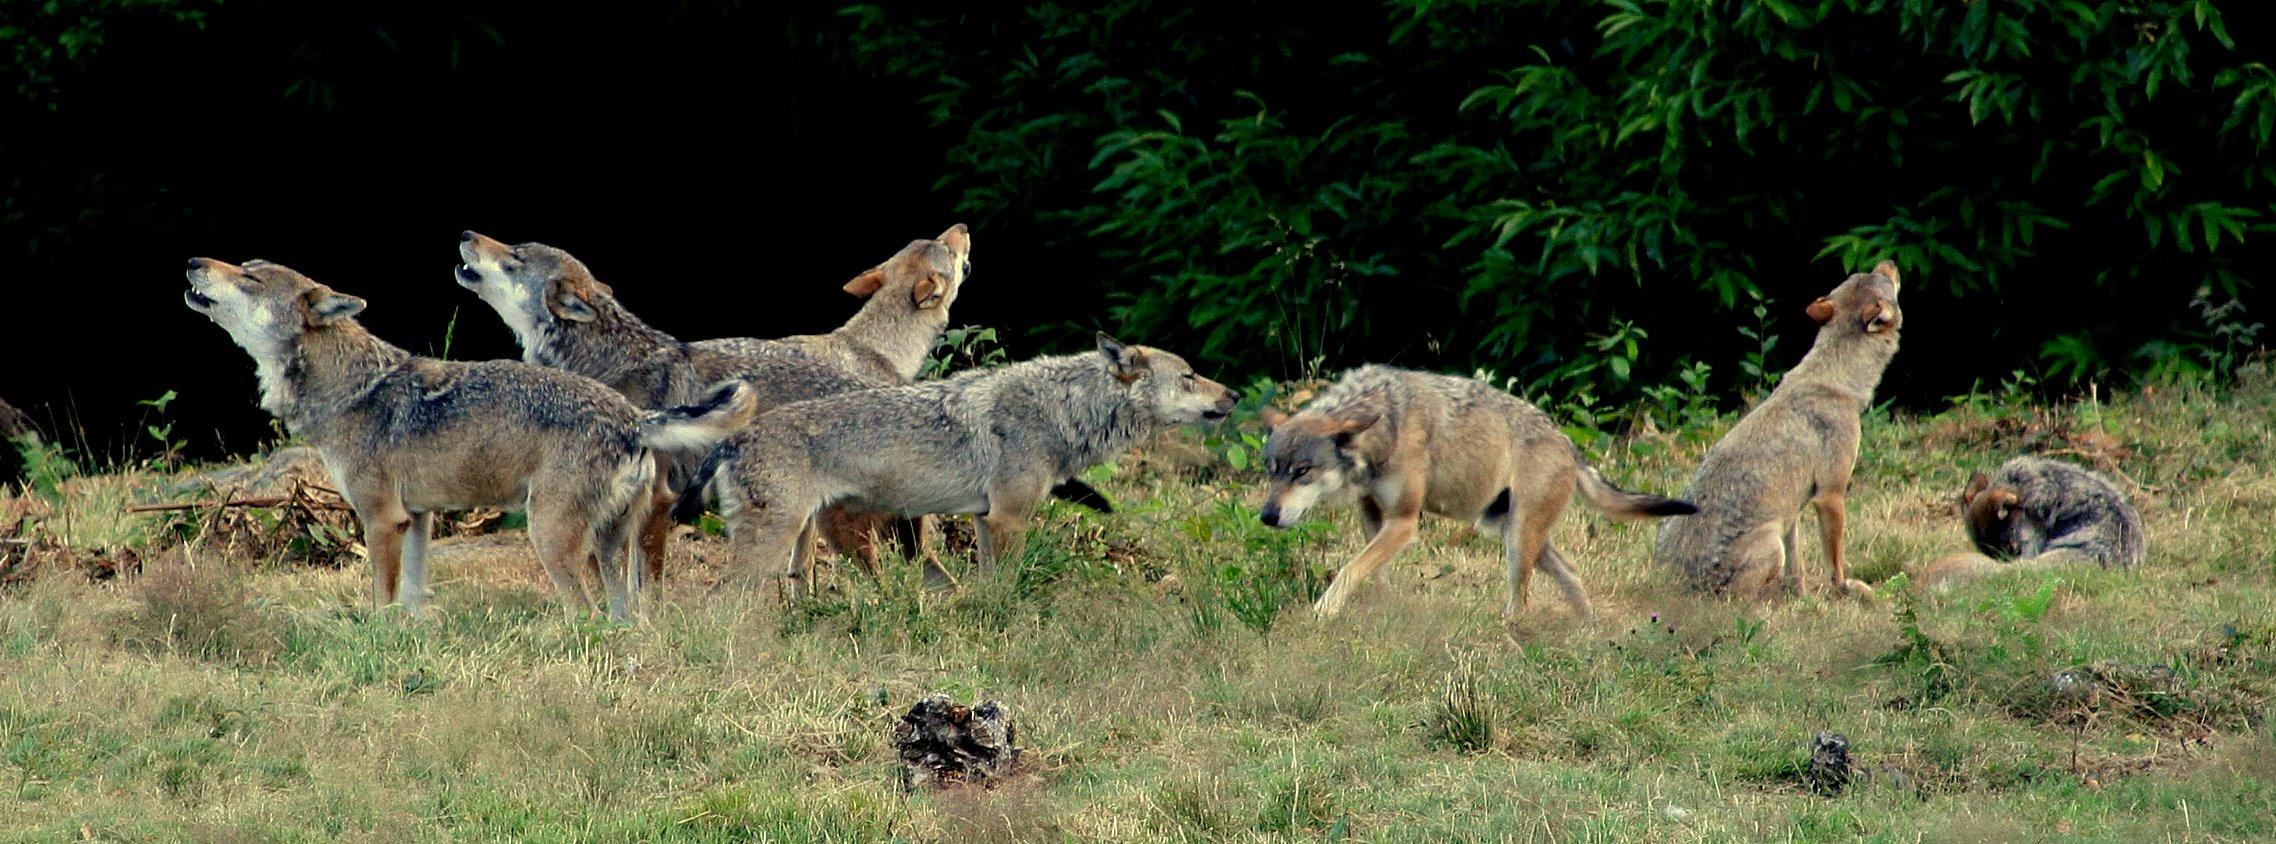 Bien-aimé Le loup gris européen | Loups de Chabrières HC34